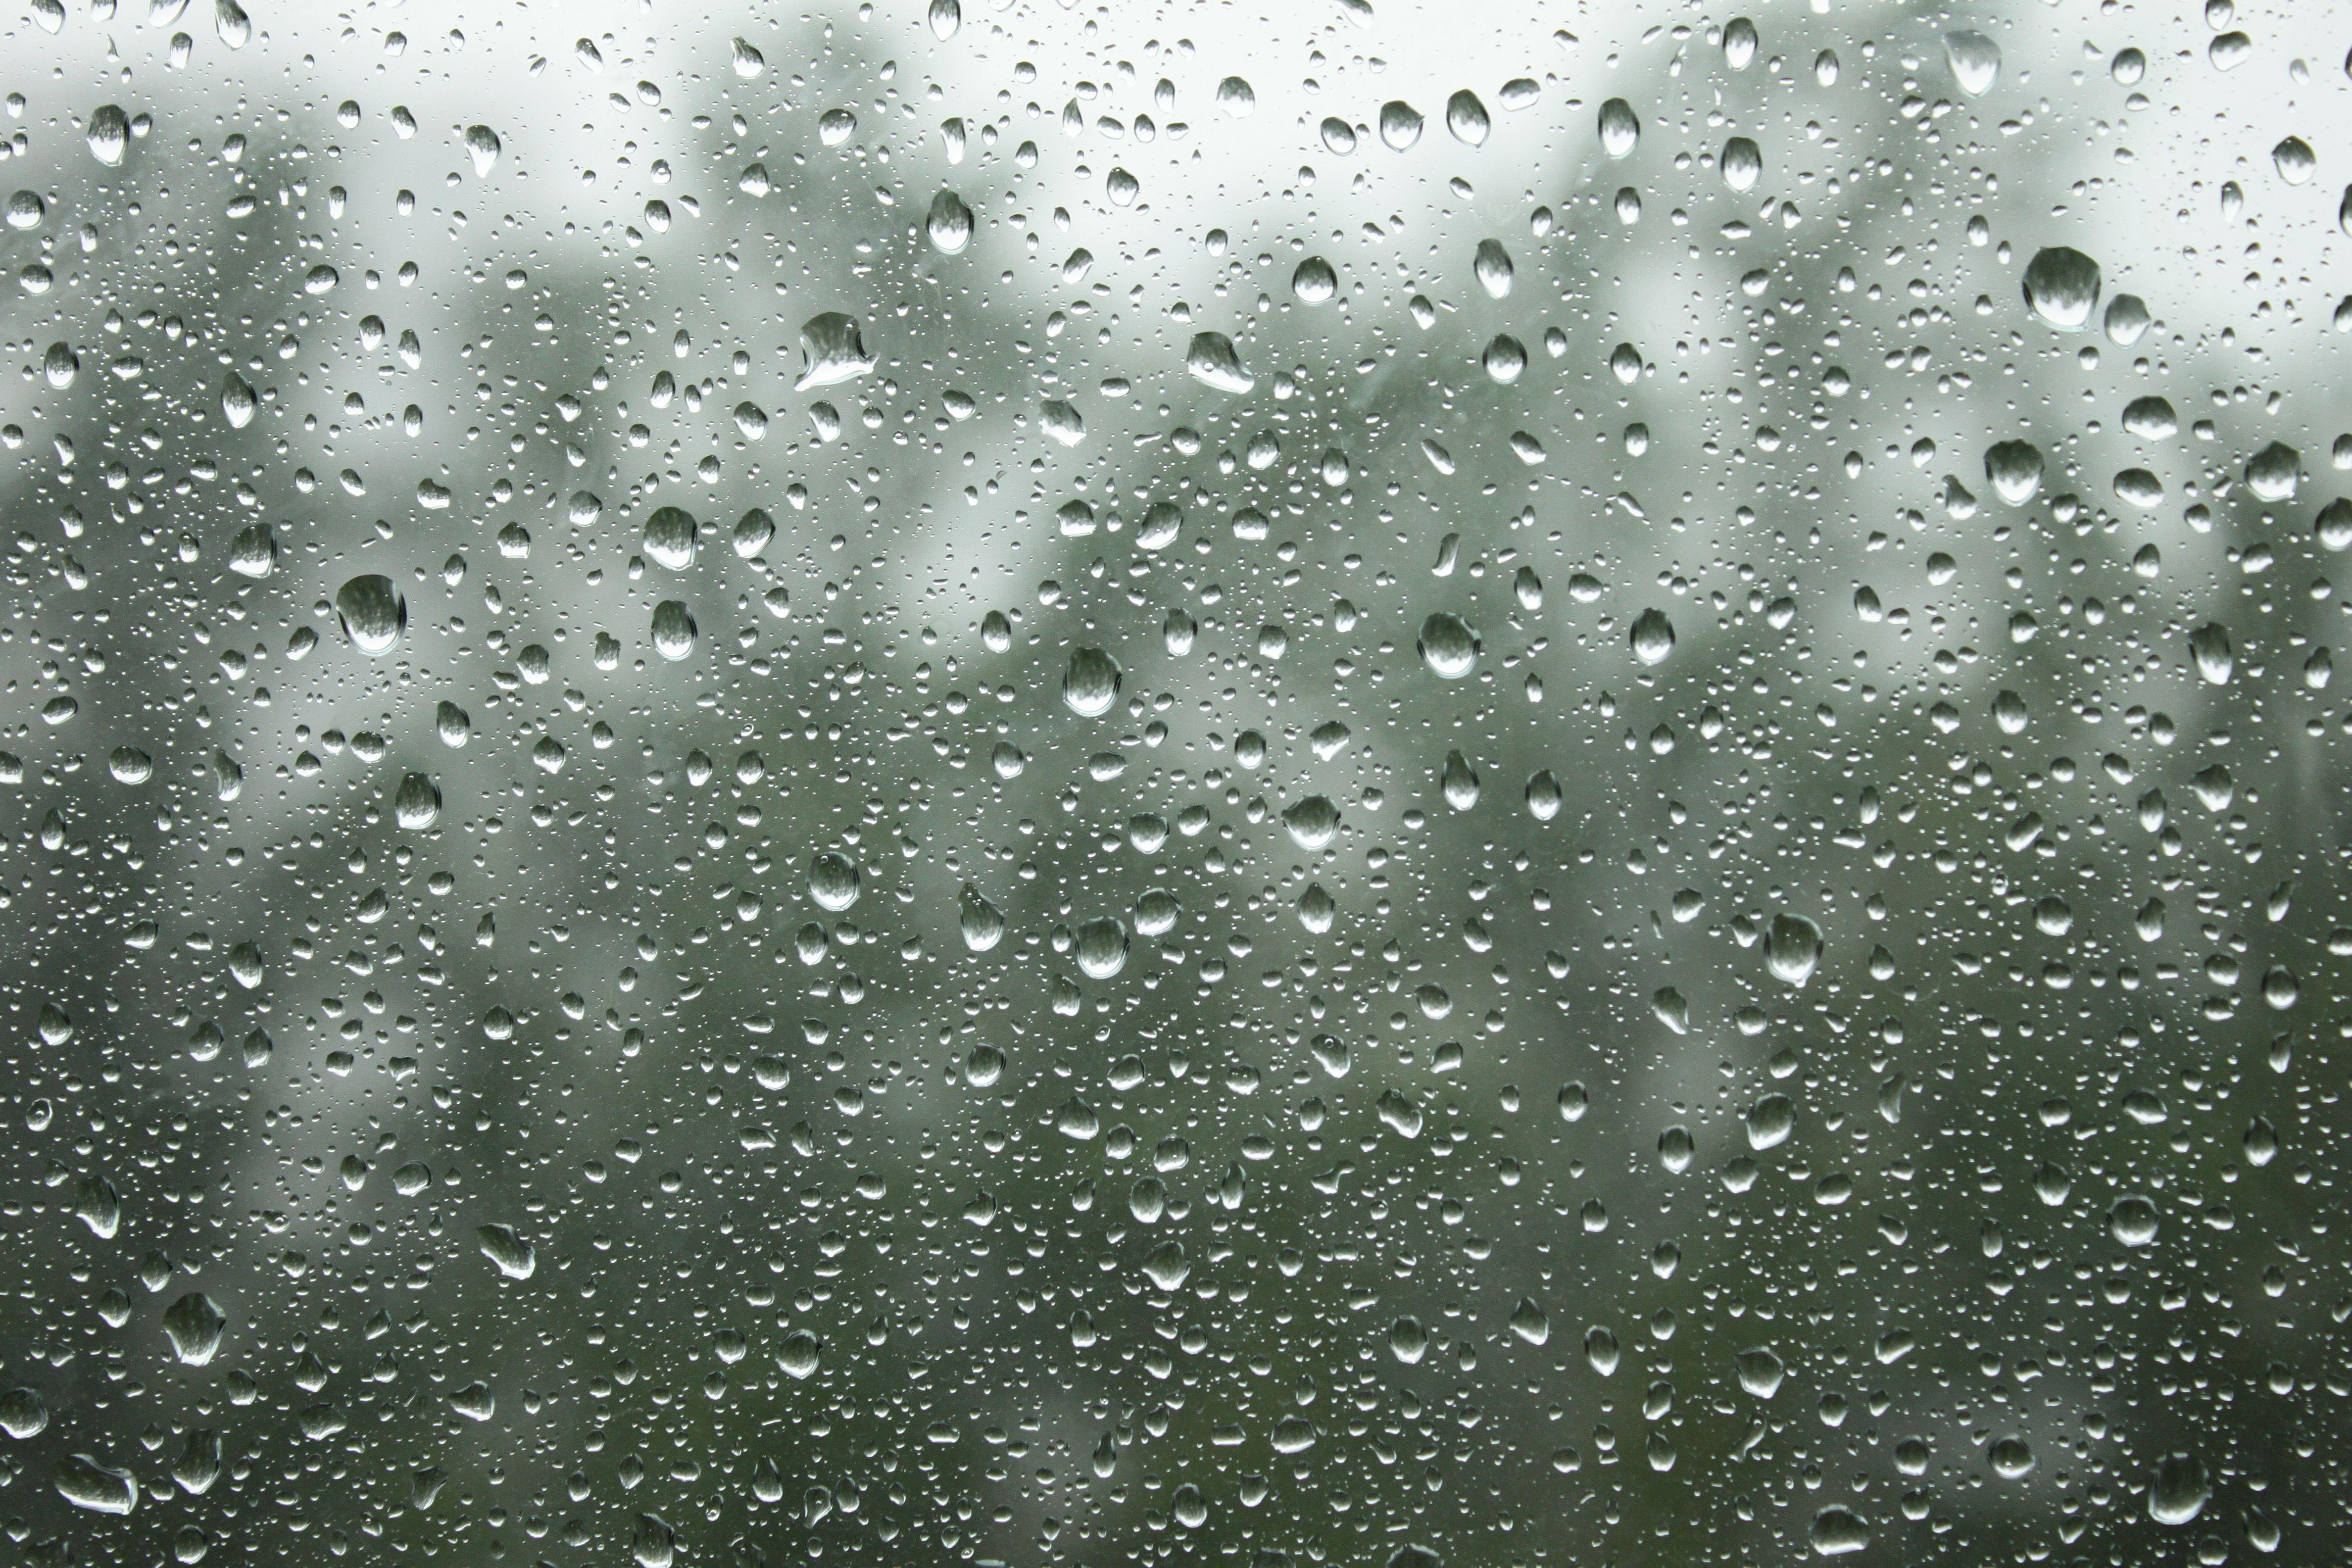 Как сделать на фото капли дождя